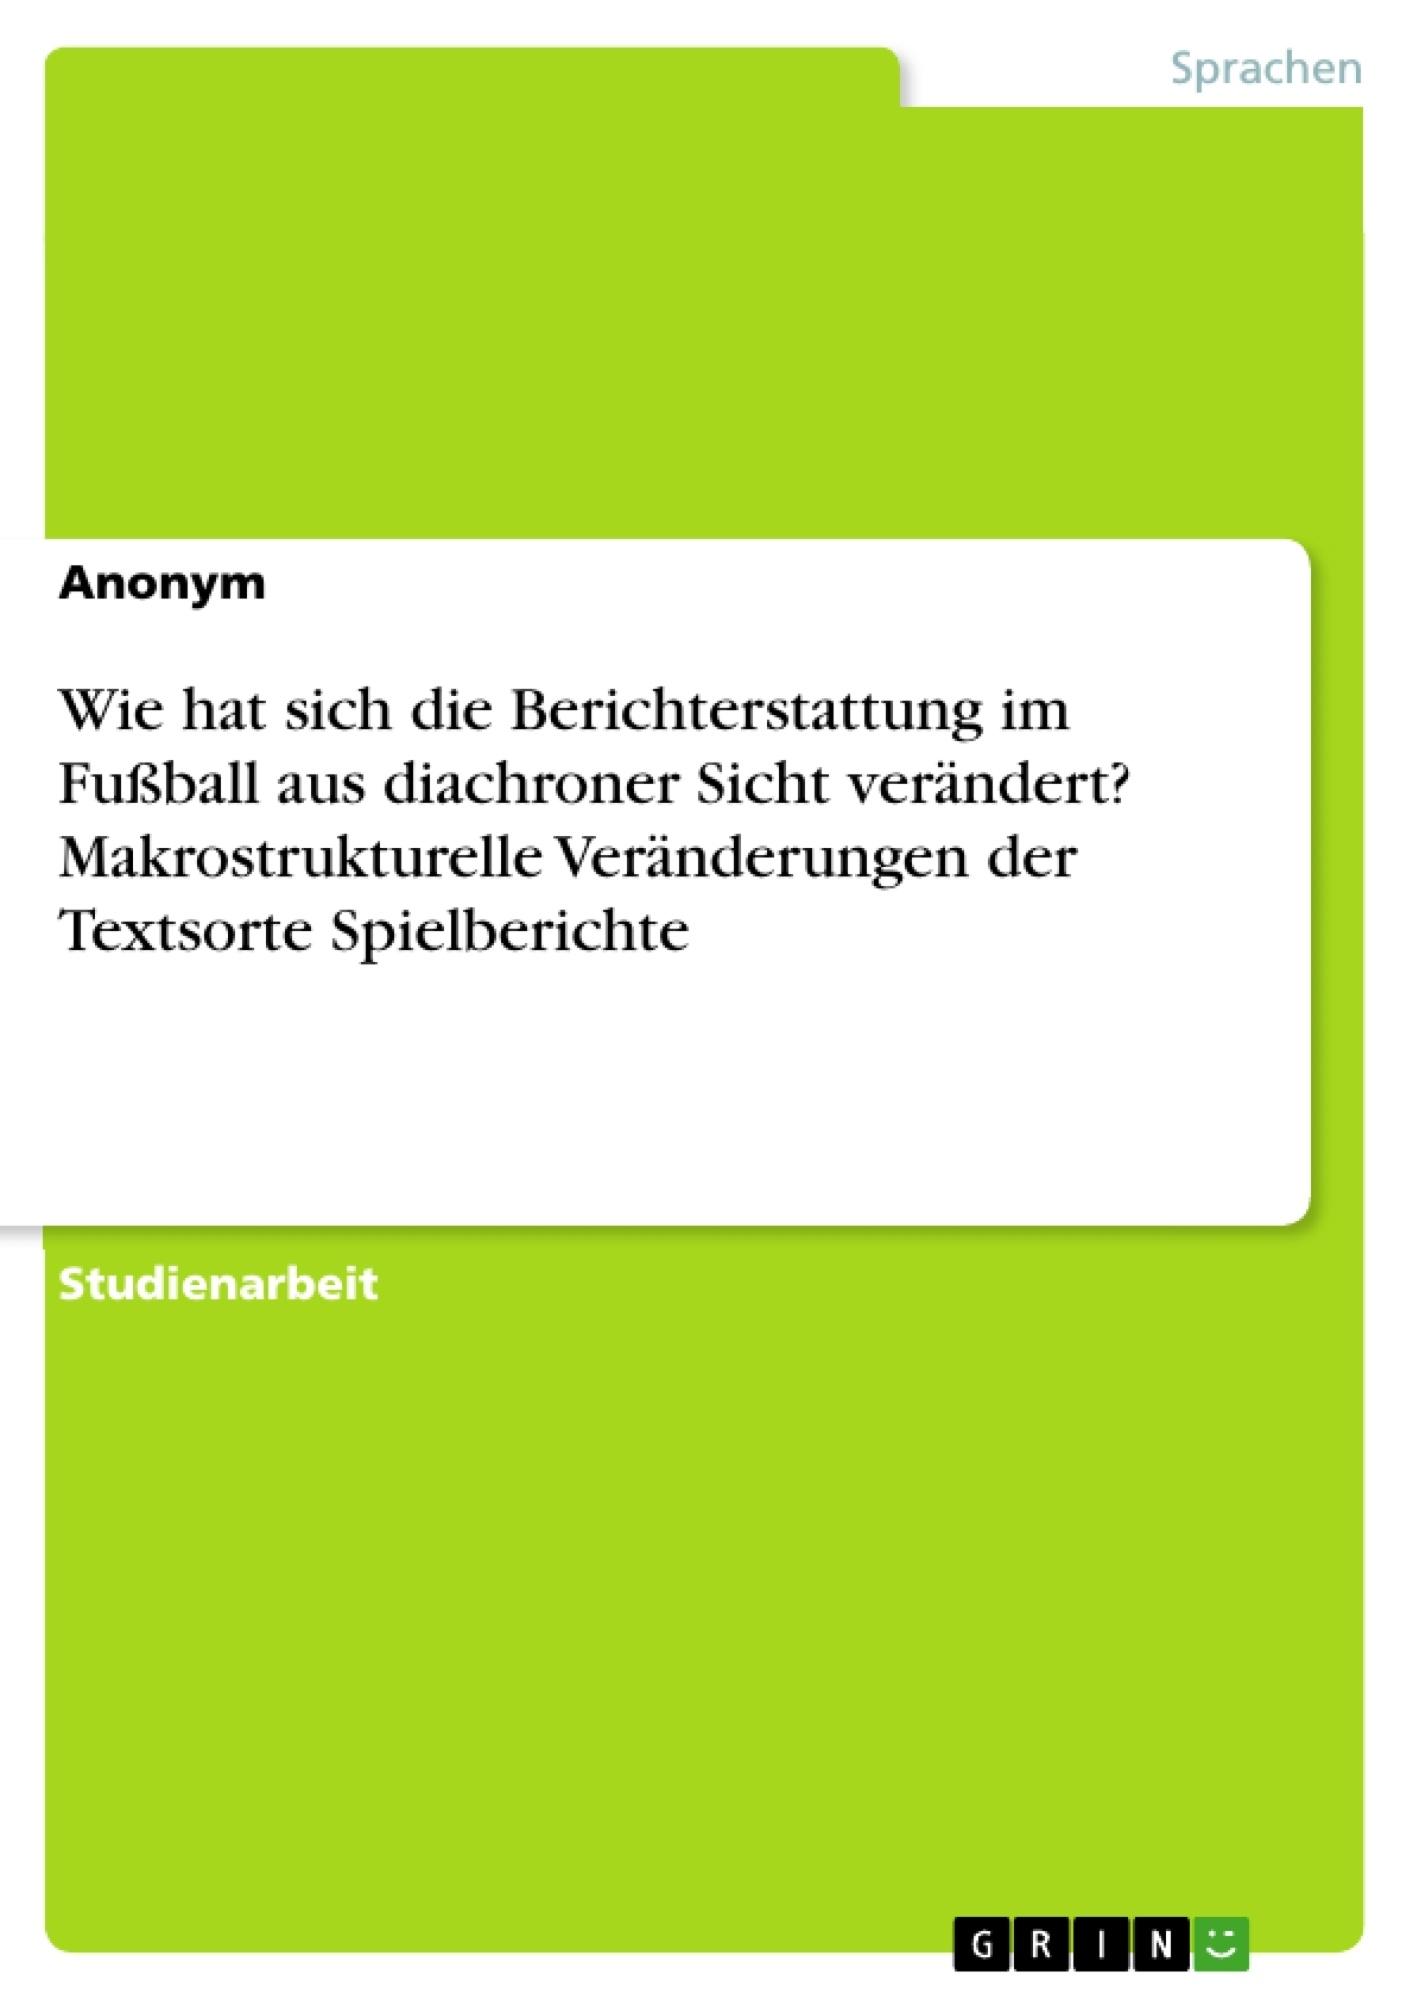 Titel: Wie hat sich die Berichterstattung im Fußball aus diachroner Sicht verändert? Makrostrukturelle Veränderungen der Textsorte Spielberichte